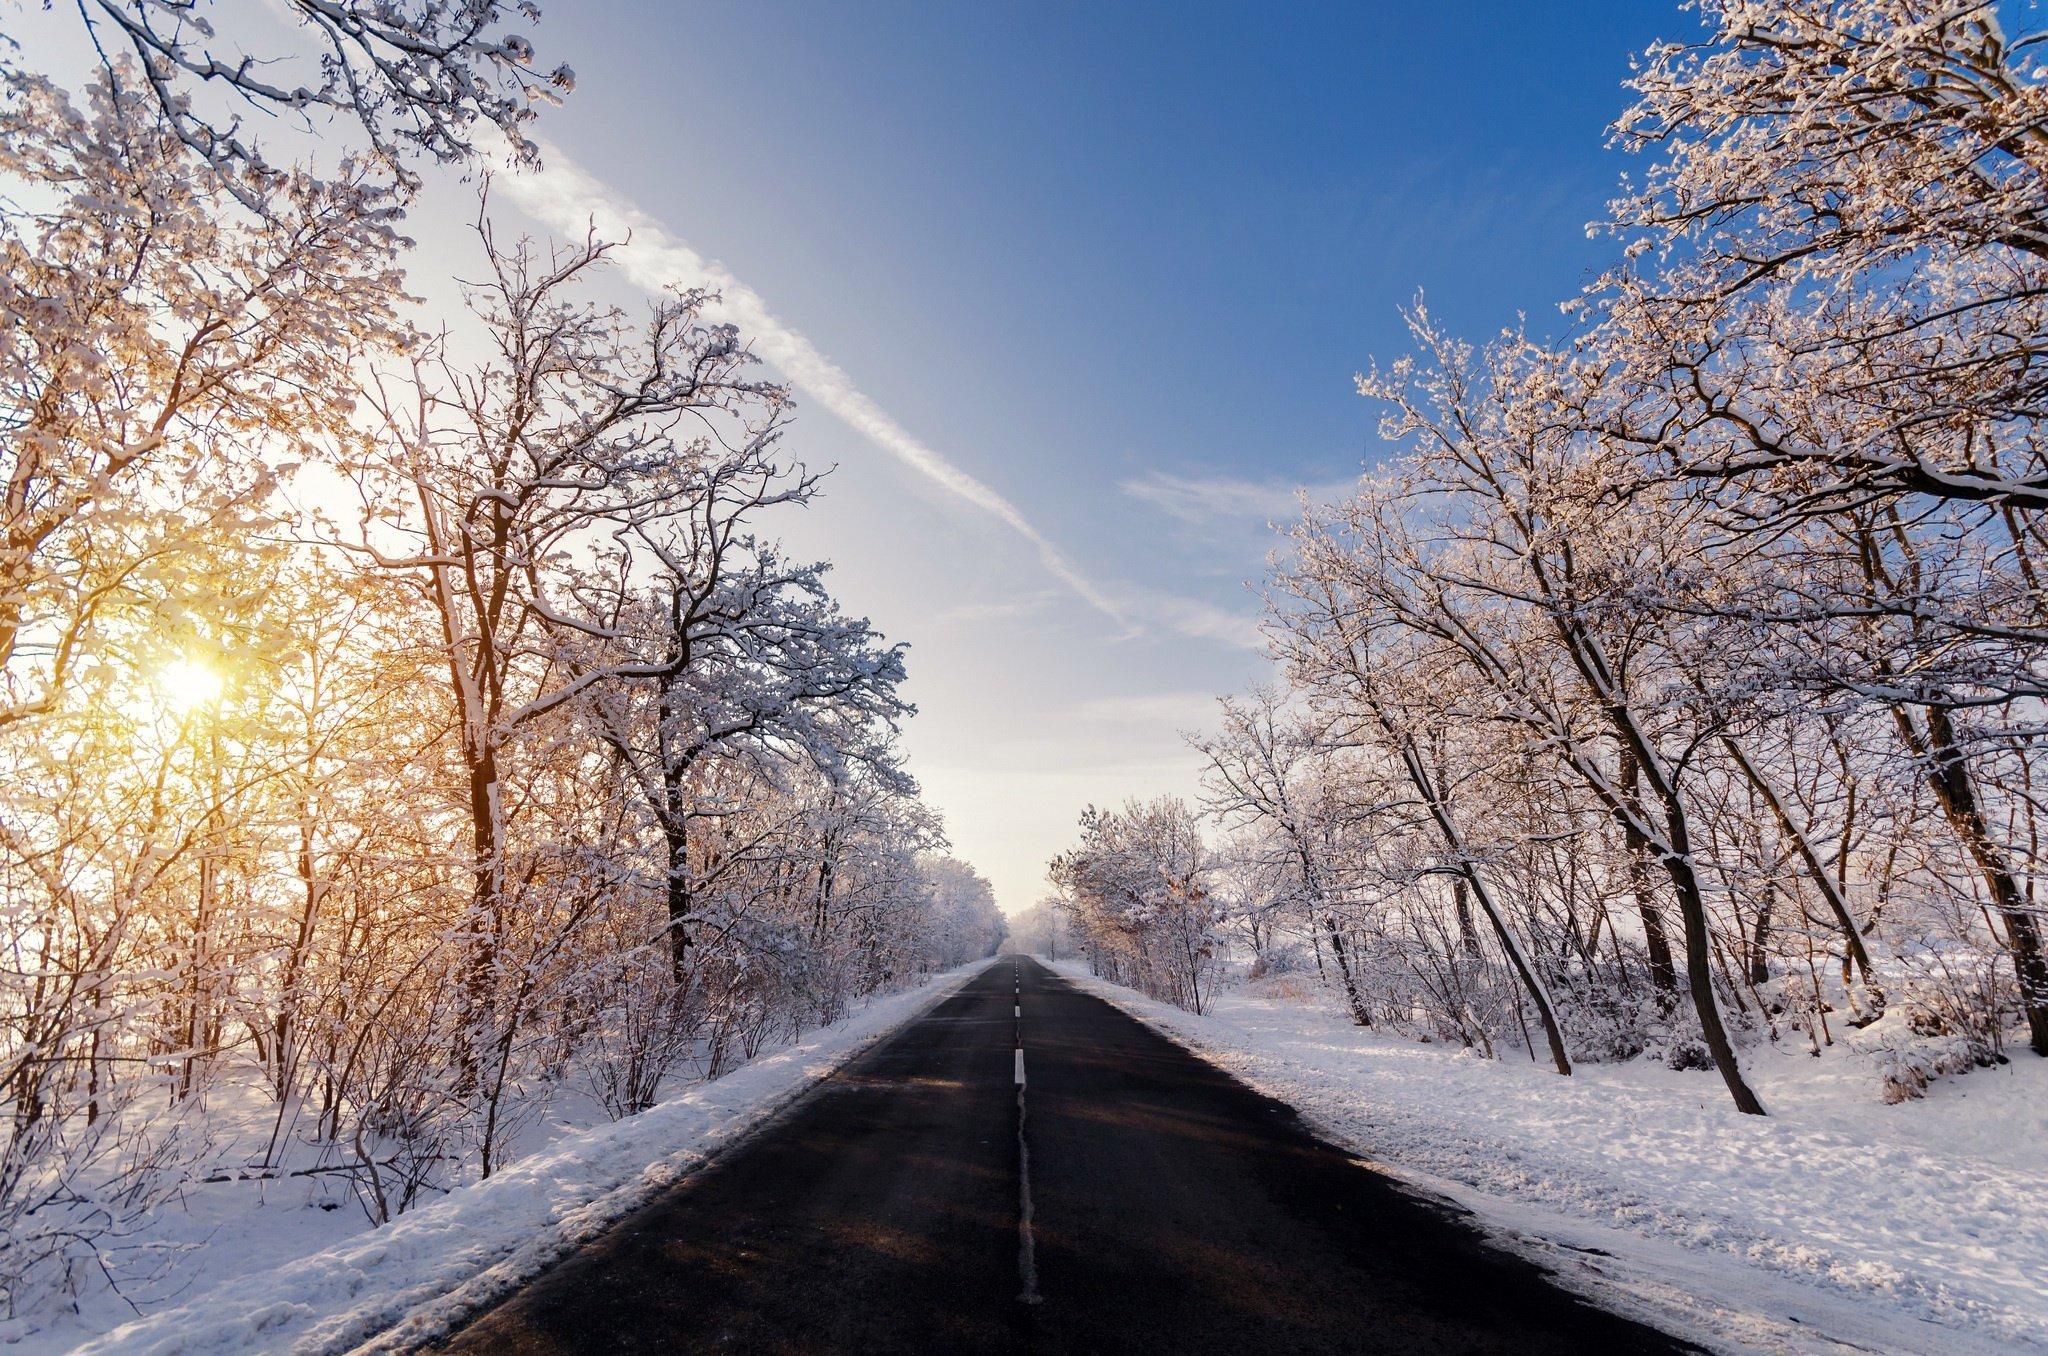 Fondos de pantalla Carretera en otoño invierno